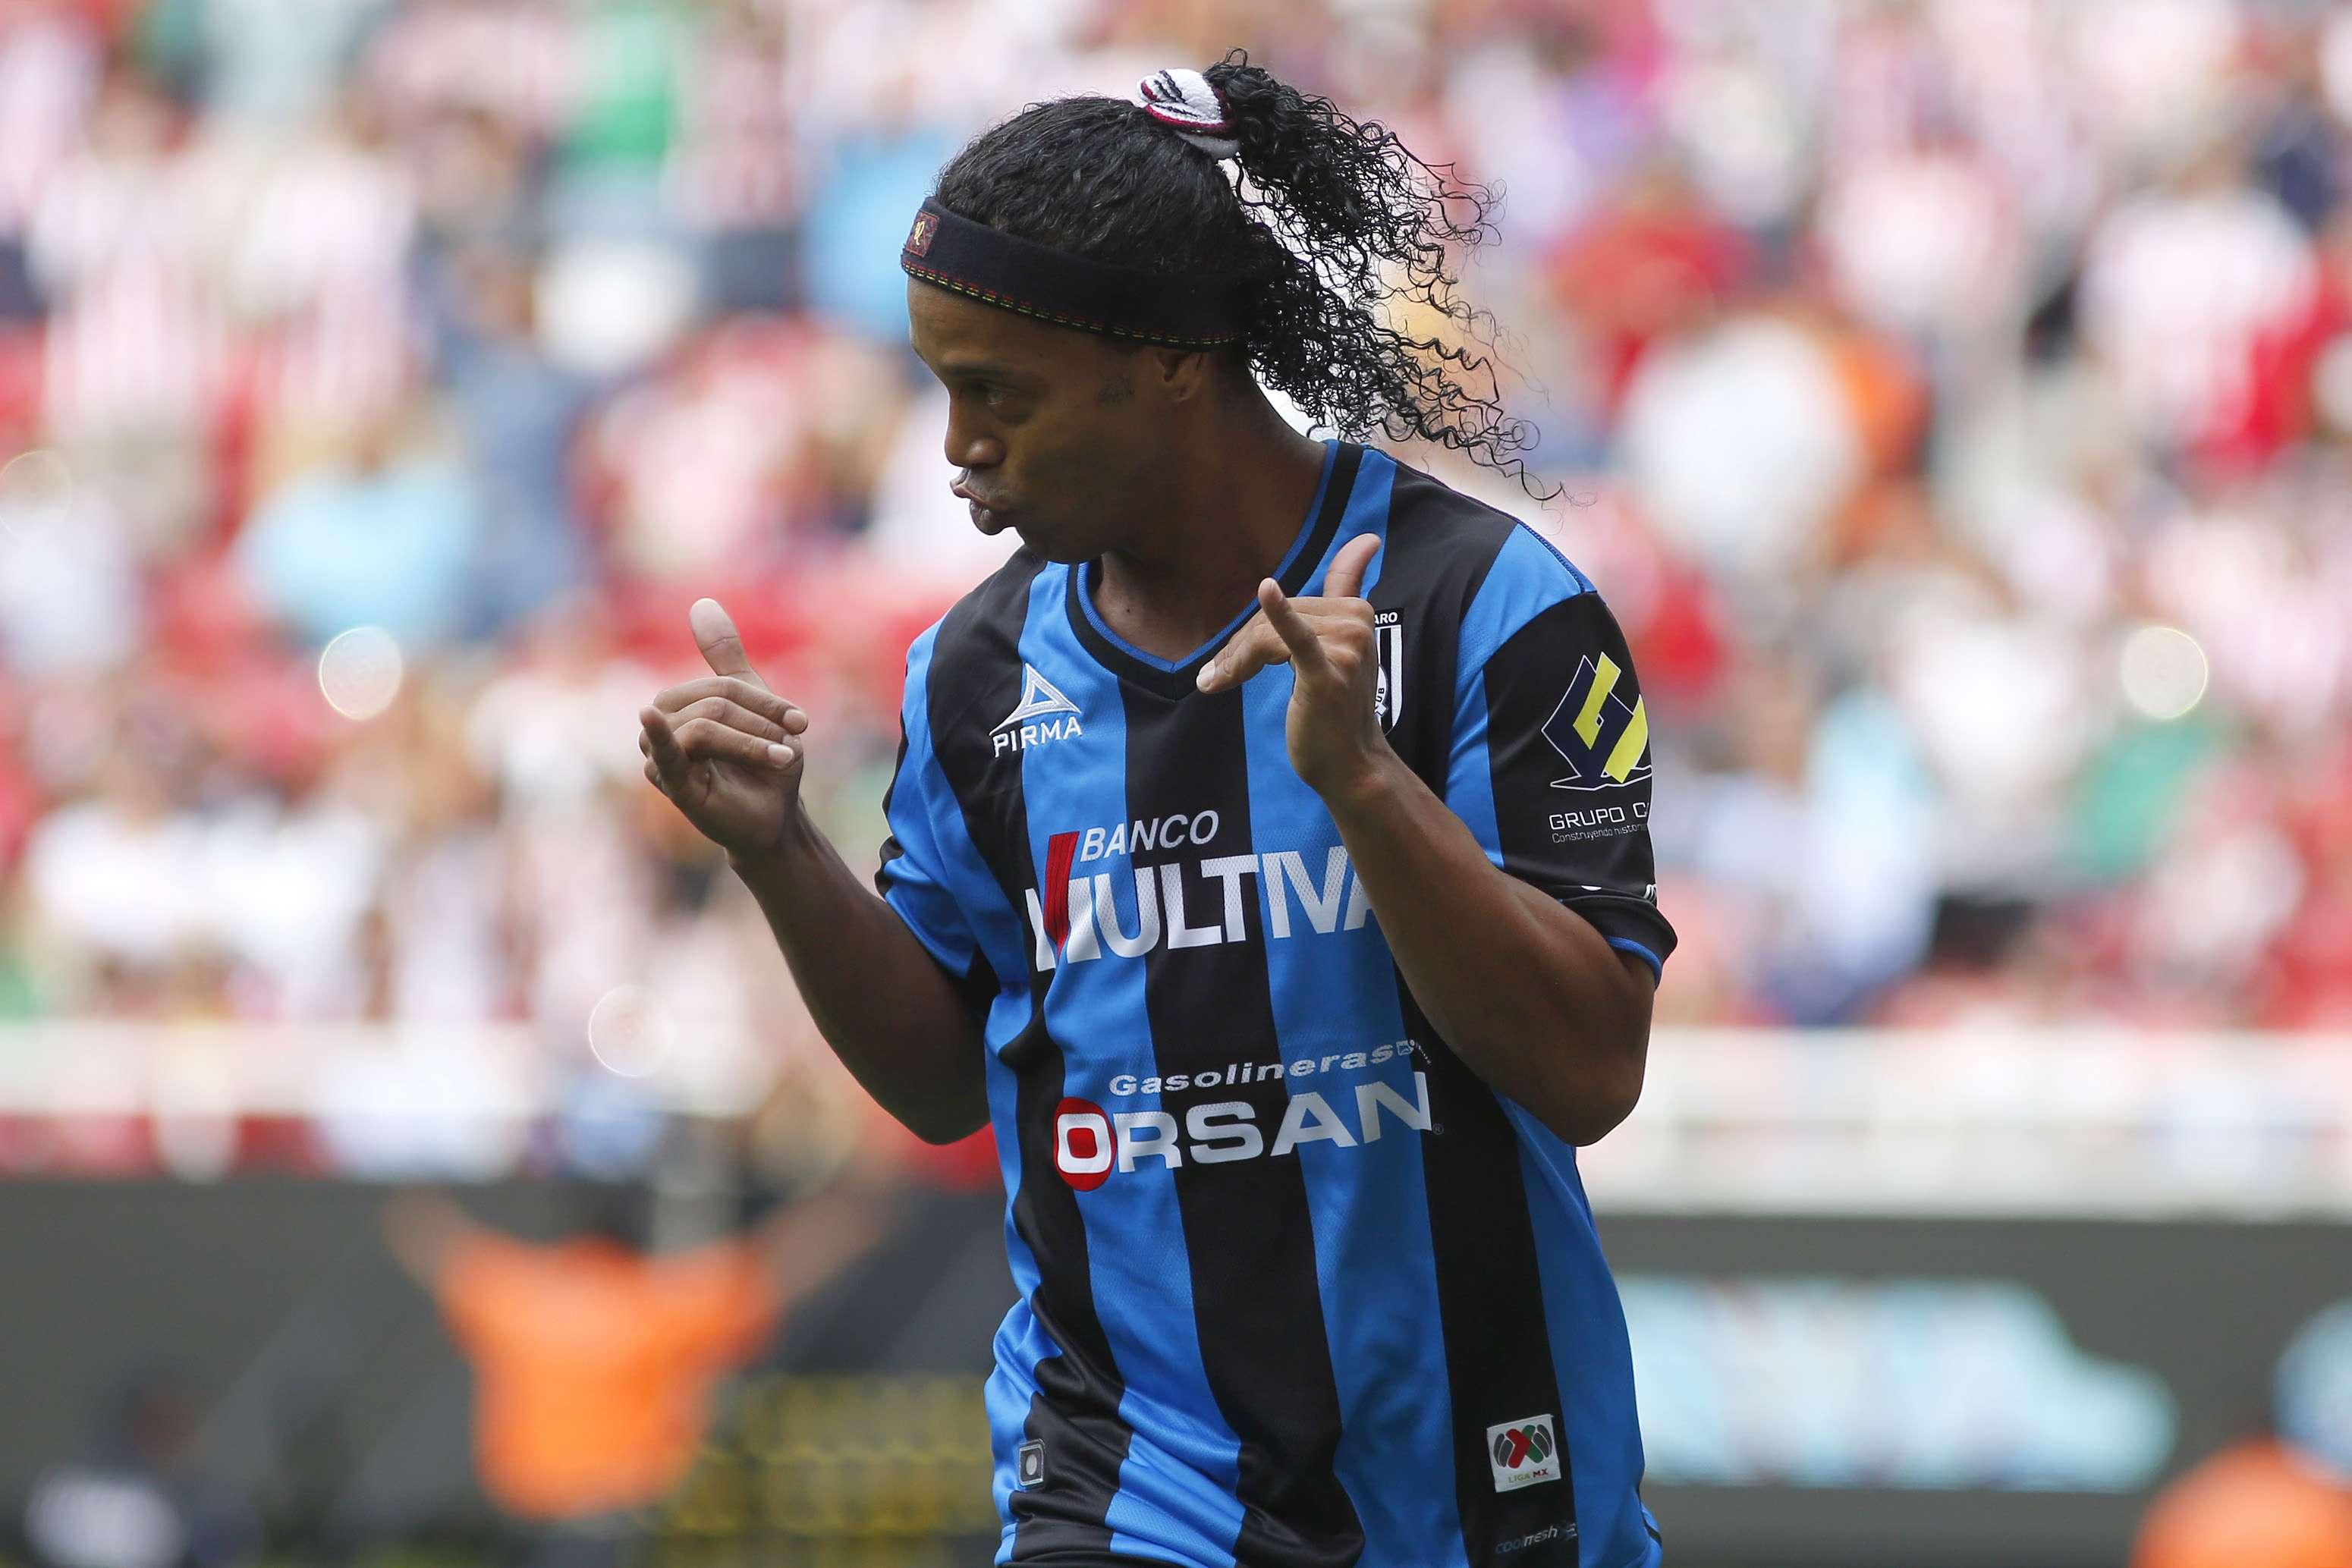 Asi festejó Ronaldinho su primer gol en el futbol mexicano. Foto: Imago7